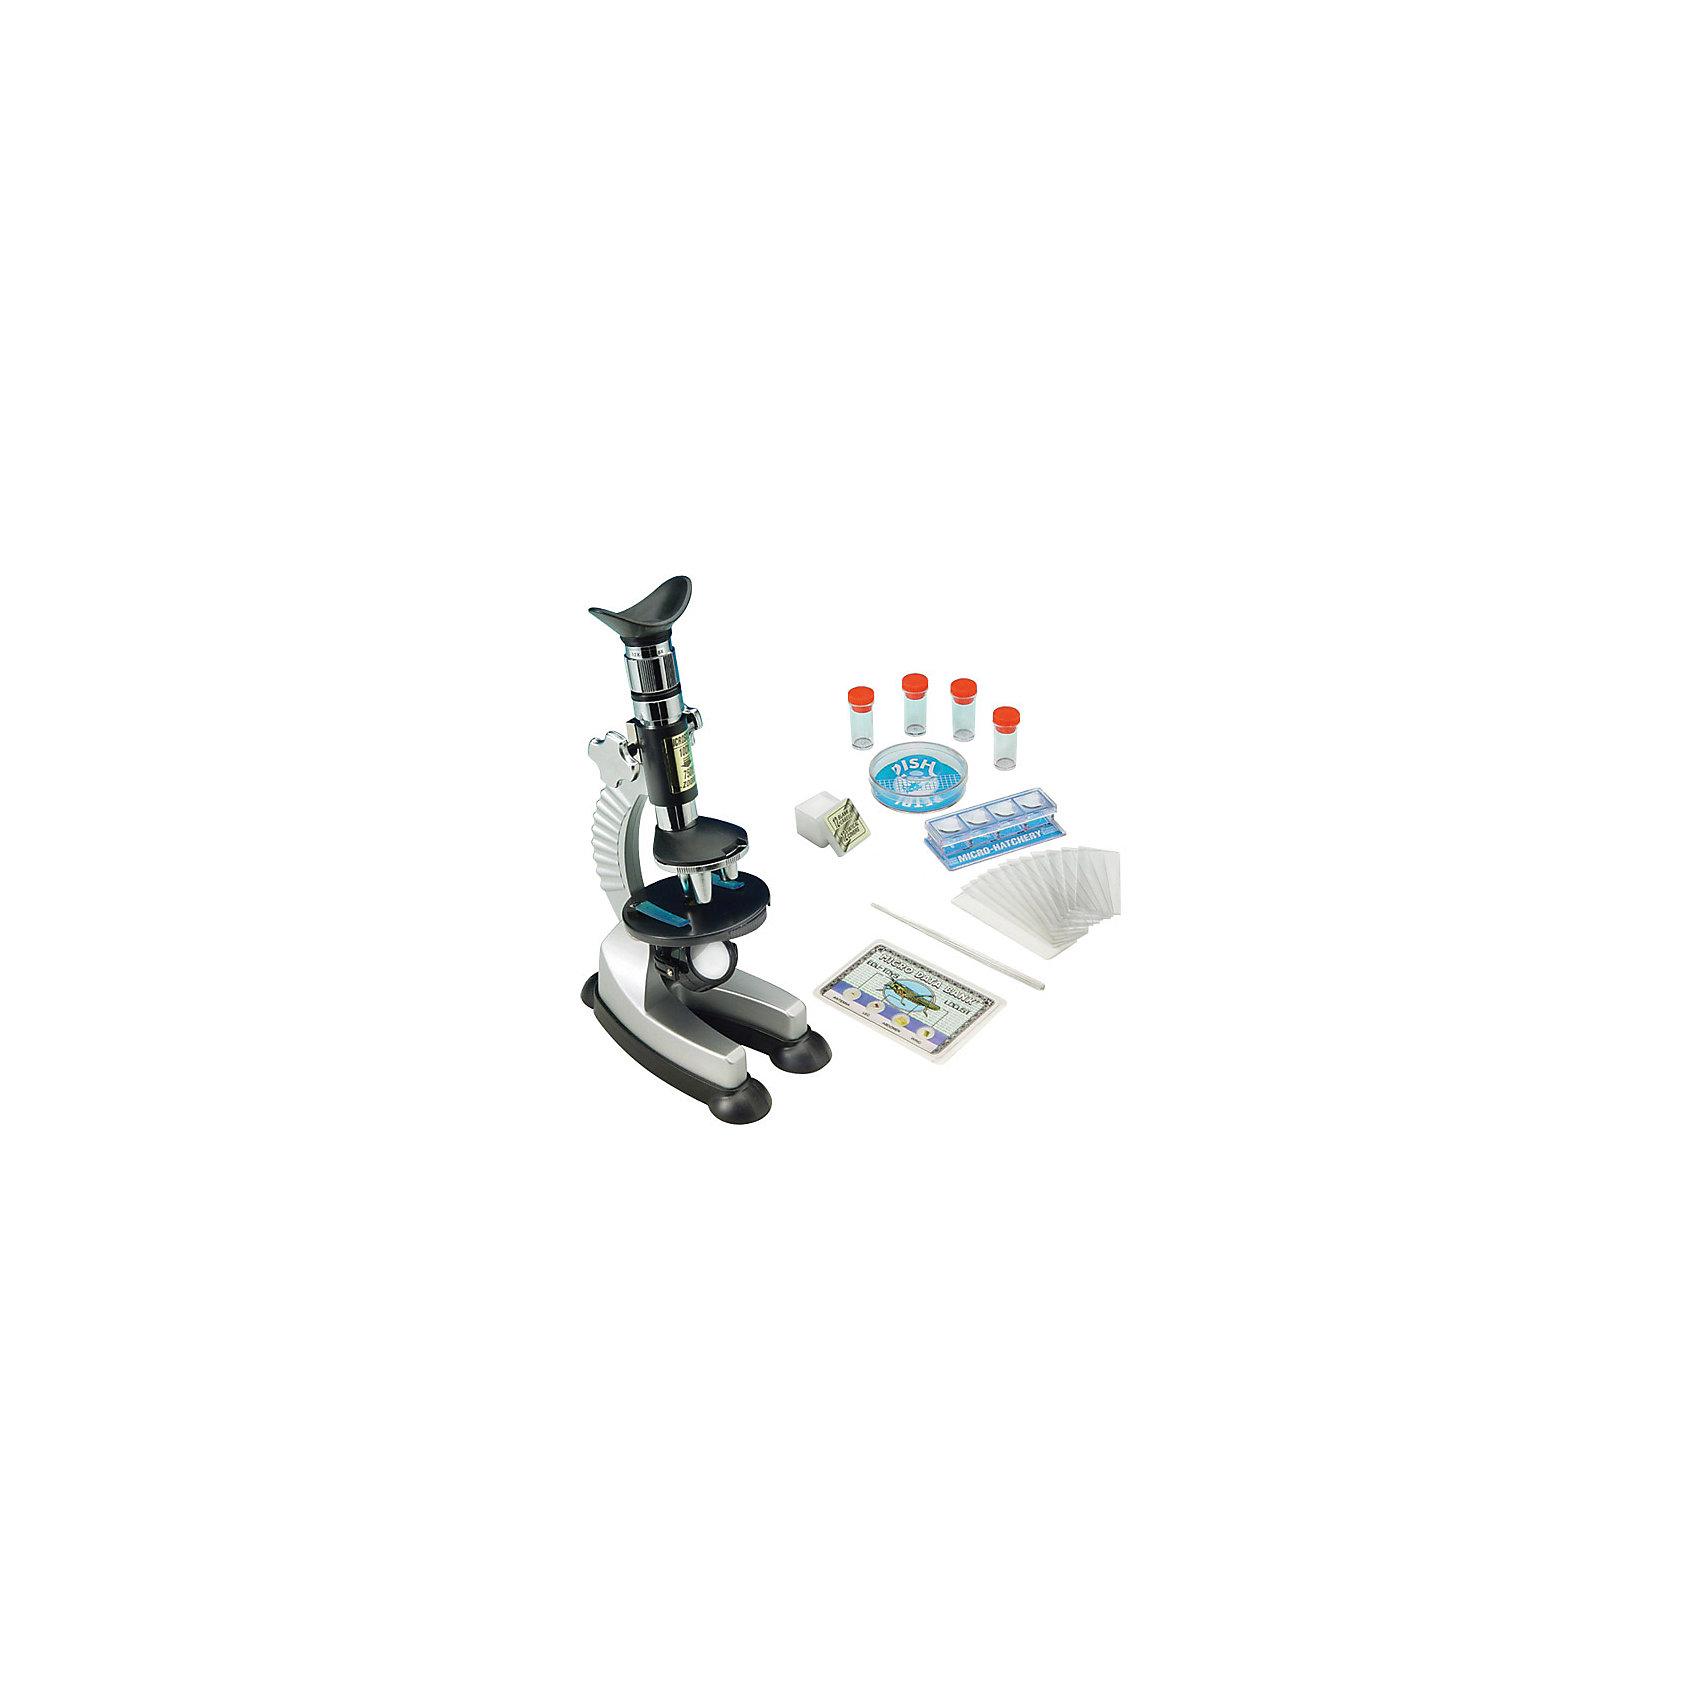 Микроскоп 100*750, Edu-ToysМикроскоп, Edu-Toys - компактный детский микроскоп, который замечательно подойдет для первого знакомства Вашего ребенка с микромиром. Микроскоп оснащен револьверной головкой с тремя объективами, которые обеспечивают плавную смену увеличений от 100 до 750 крат. Специальное колесико фокусировки поможет наладить нужную резкость, а с помощью зеркала-отражателя Вы сможете настроить необходимое освещение для изучения препарата. Если яркости недостаточно, можно воспользоваться встроенной подсветкой, расположенной у основания прибора.<br><br>Прибор оснащен специальным предметным столиком круглой формы с лапками-держателями для микропрепаратов. Устойчивое основание микроскопа гарантирует сохранность препарата во время работы. Микроскоп также выполняет функцию проектора: направив его на белую гладкую поверхность в темной комнате, можно просматривать слайды с микропрепаратами в увеличенном виде. В комплект также входит набор аксессуаров, с помощью которых можно самостоятельно готовить микропрепараты и проводить увлекательные опыты и наблюдения. Занятия с микроскопом способствуют формированию у ребенка научного подхода, расширяют кругозор, развивают любознательность и внимательность.<br><br>Дополнительная информация:<br><br>- В комплекте: микроскоп MS701, готовый микропрепарат, мини-нож для изготовления препаратов, 12 предметных стекол, 12 покровных стекол, 12 этикеток для препаратов, 4<br>  пробирки, стеклянная палочка для перемешивания, чашка Петри, запасная лампочка, инструкция. <br>- Материал: металл, пластик, стекло.<br>- Для подсветки требуются батарейки: 2 х АА (не входят в комплект).<br>- Высота: 23 см.<br>- Размер микроскопа: 15 х 10 х 23 см.<br>- Вес: 0,7 кг.<br><br>Микроскоп 100*750, Edu-Toys, можно купить в нашем интернет-магазине.<br><br>Ширина мм: 300<br>Глубина мм: 95<br>Высота мм: 350<br>Вес г: 700<br>Возраст от месяцев: 96<br>Возраст до месяцев: 144<br>Пол: Унисекс<br>Возраст: Детский<br>SKU: 4013716